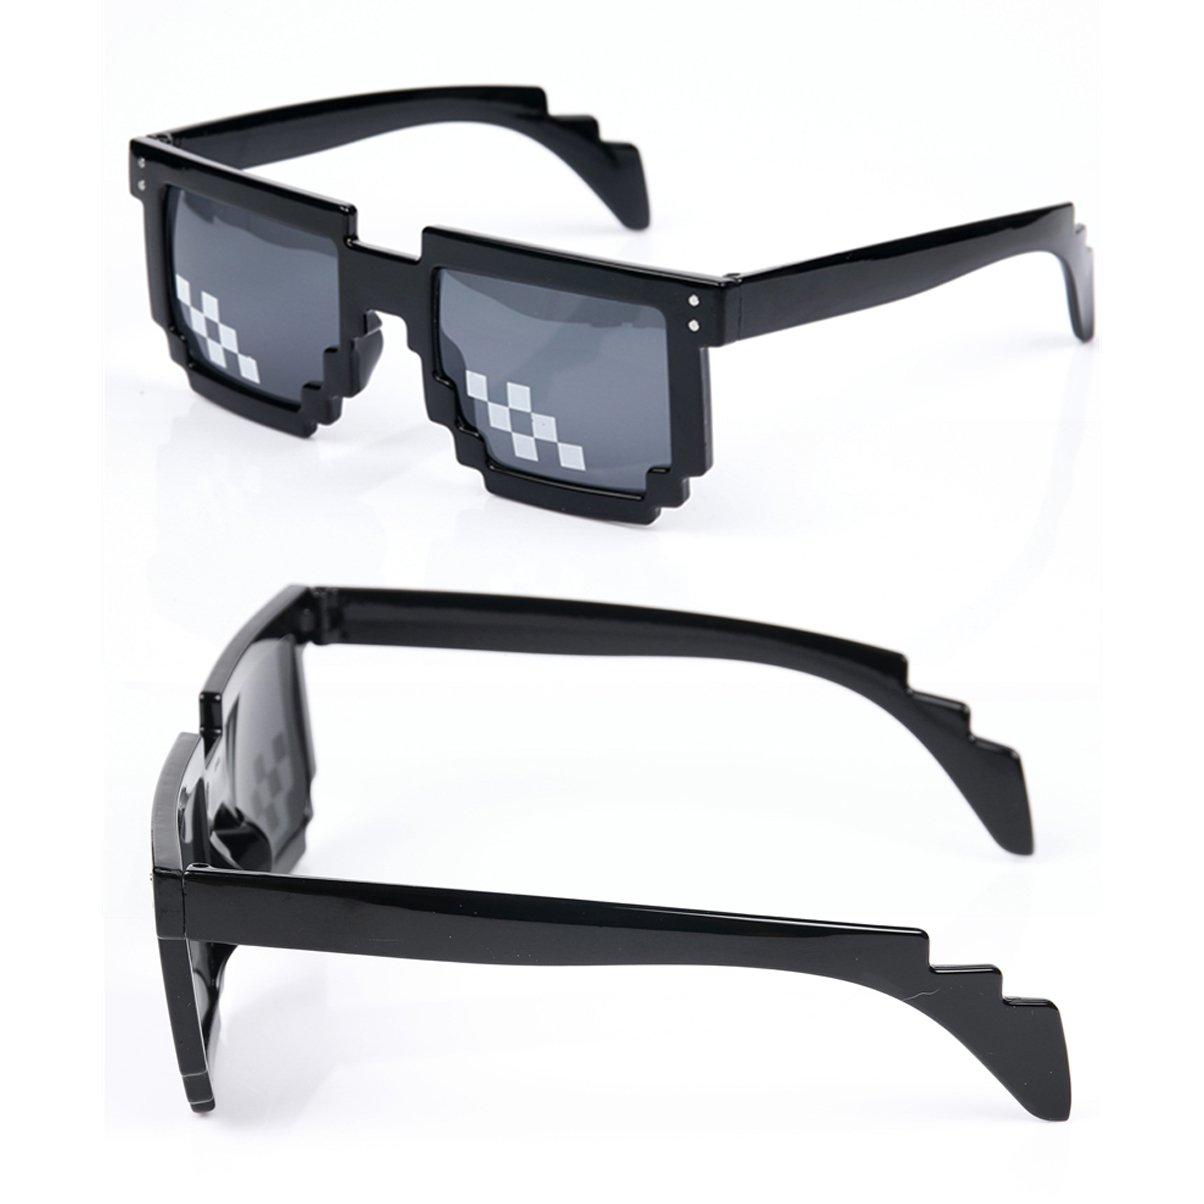 8275dc4284 Juego de 3 Gafas de Sol Thug Life, para Hombre y Mujer, de Cristal, con  Mosaico de 8 bits, Unisex, Color Negro: Amazon.es: Electrónica